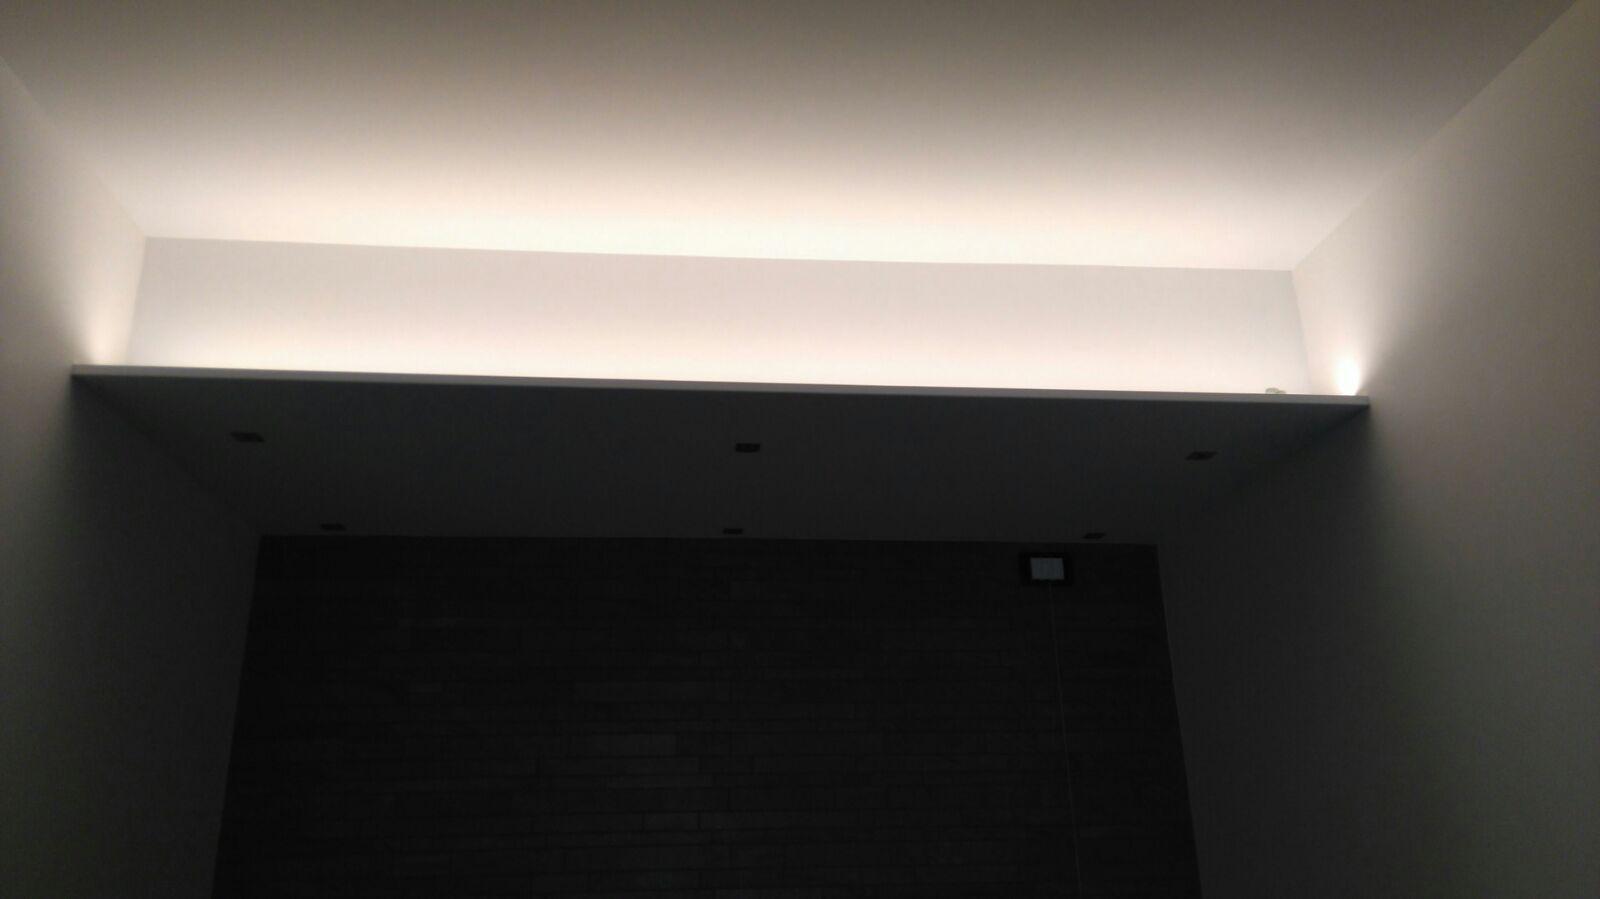 Illuminazione ambienti interni casa privata euroelettra impianti